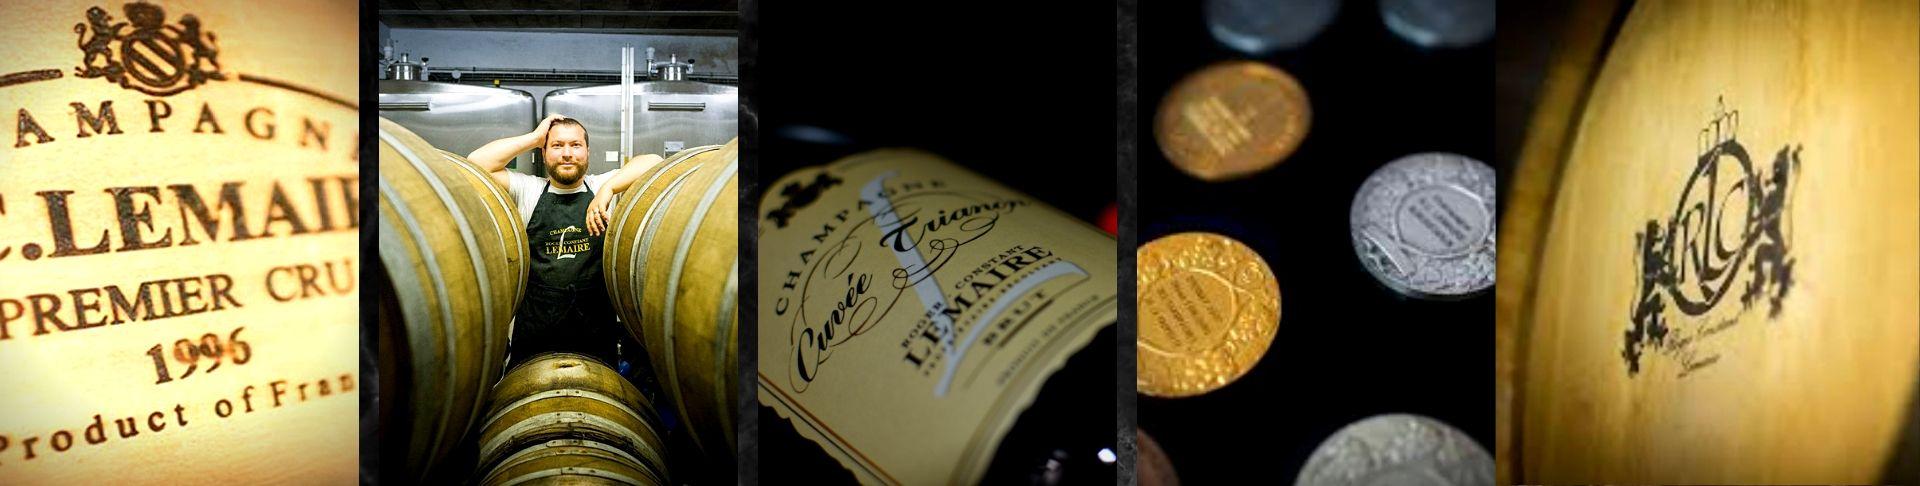 Champagne Roger-Constant-Lemaire | Vente en Ligne